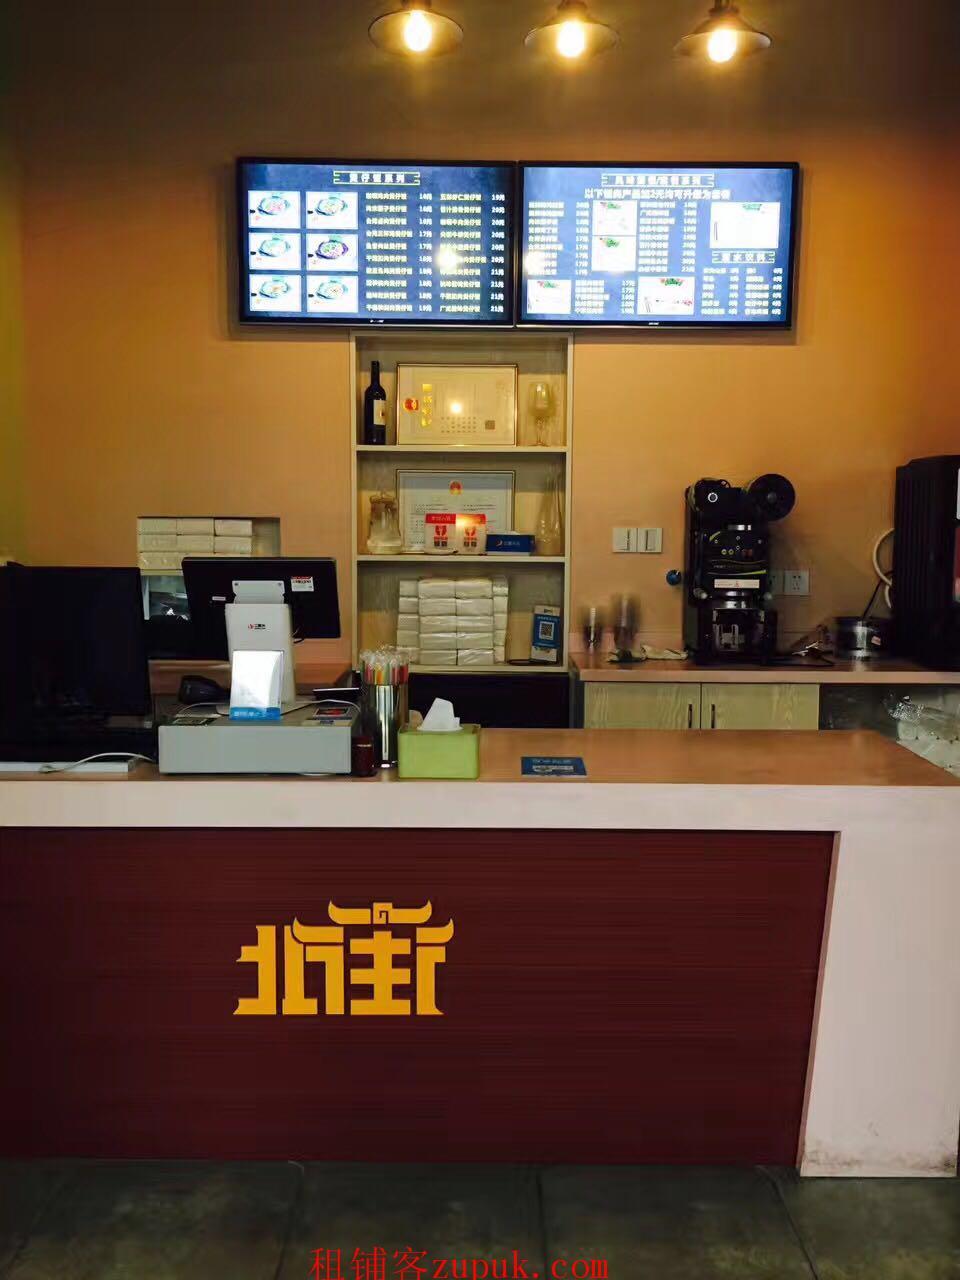 西湖区 商铺转让 餐饮店 小吃店 饭店 炒菜店 三证齐全